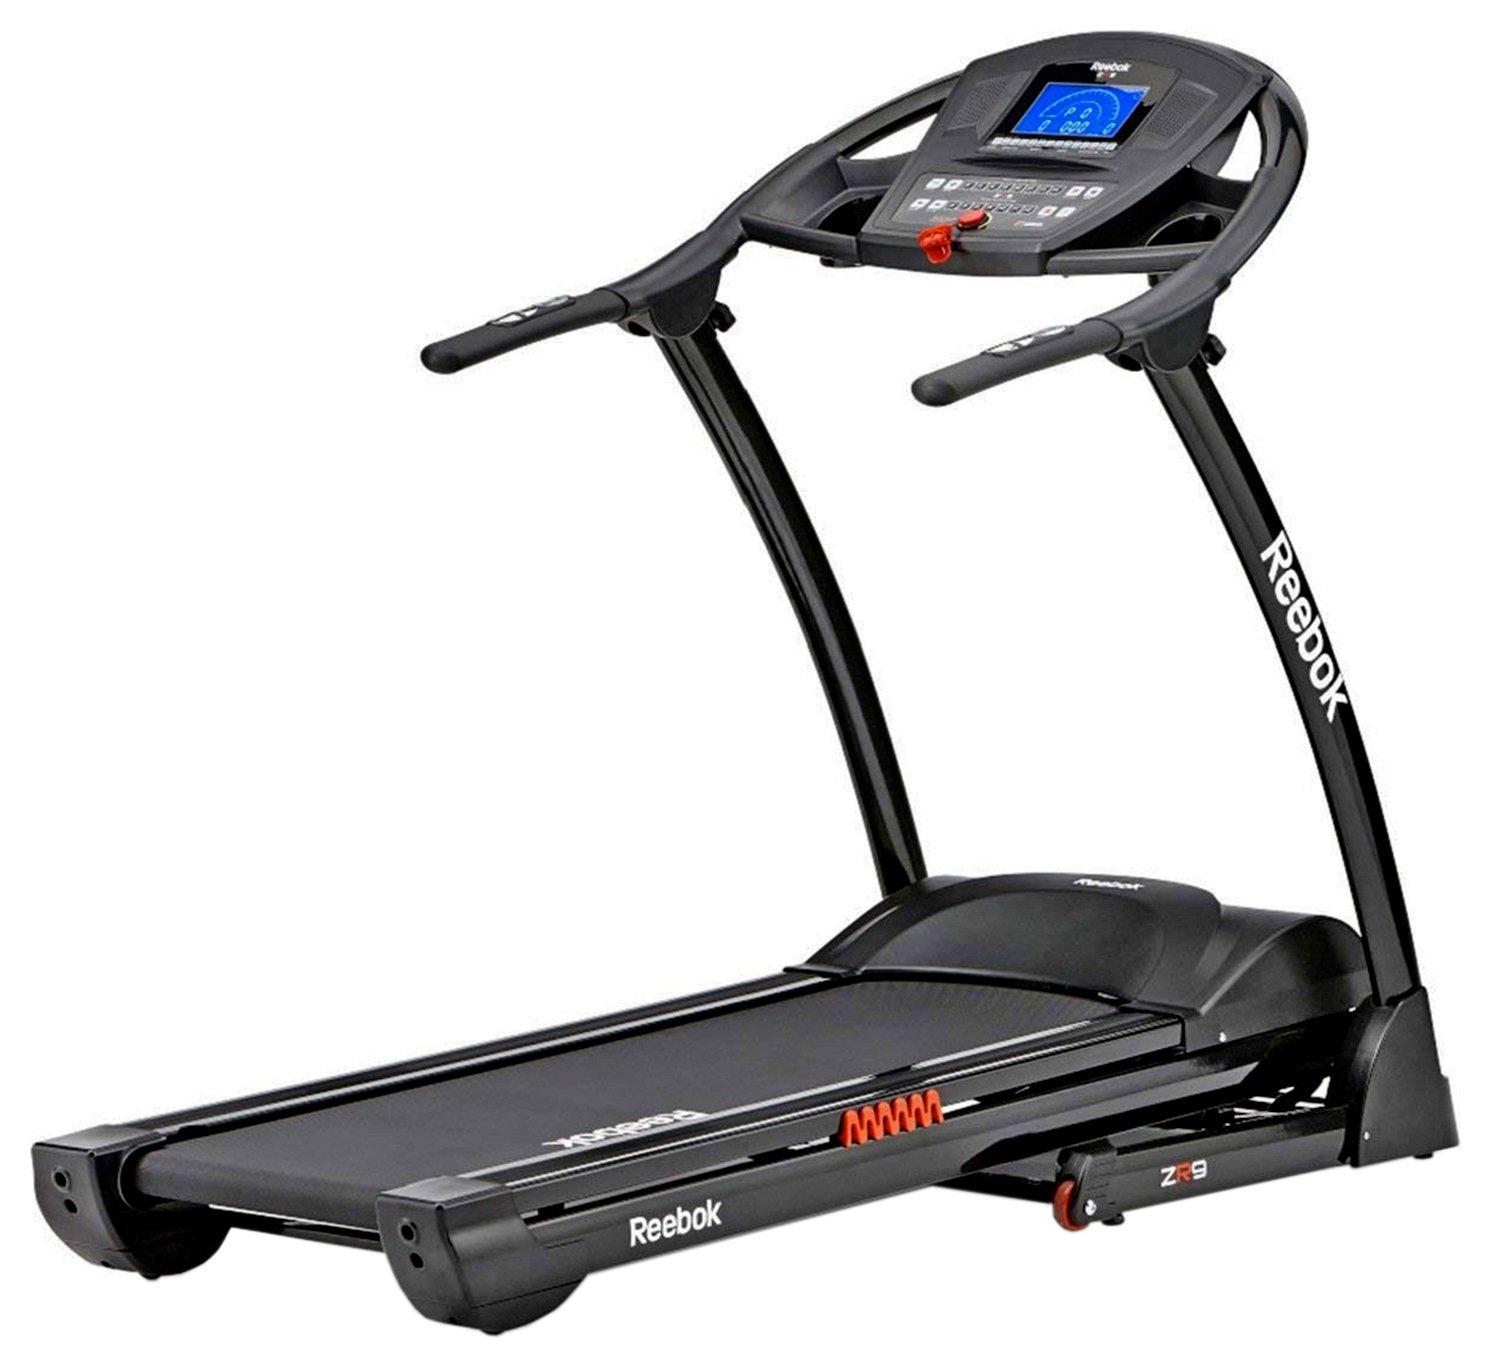 Reebok - ZR9 Treadmill